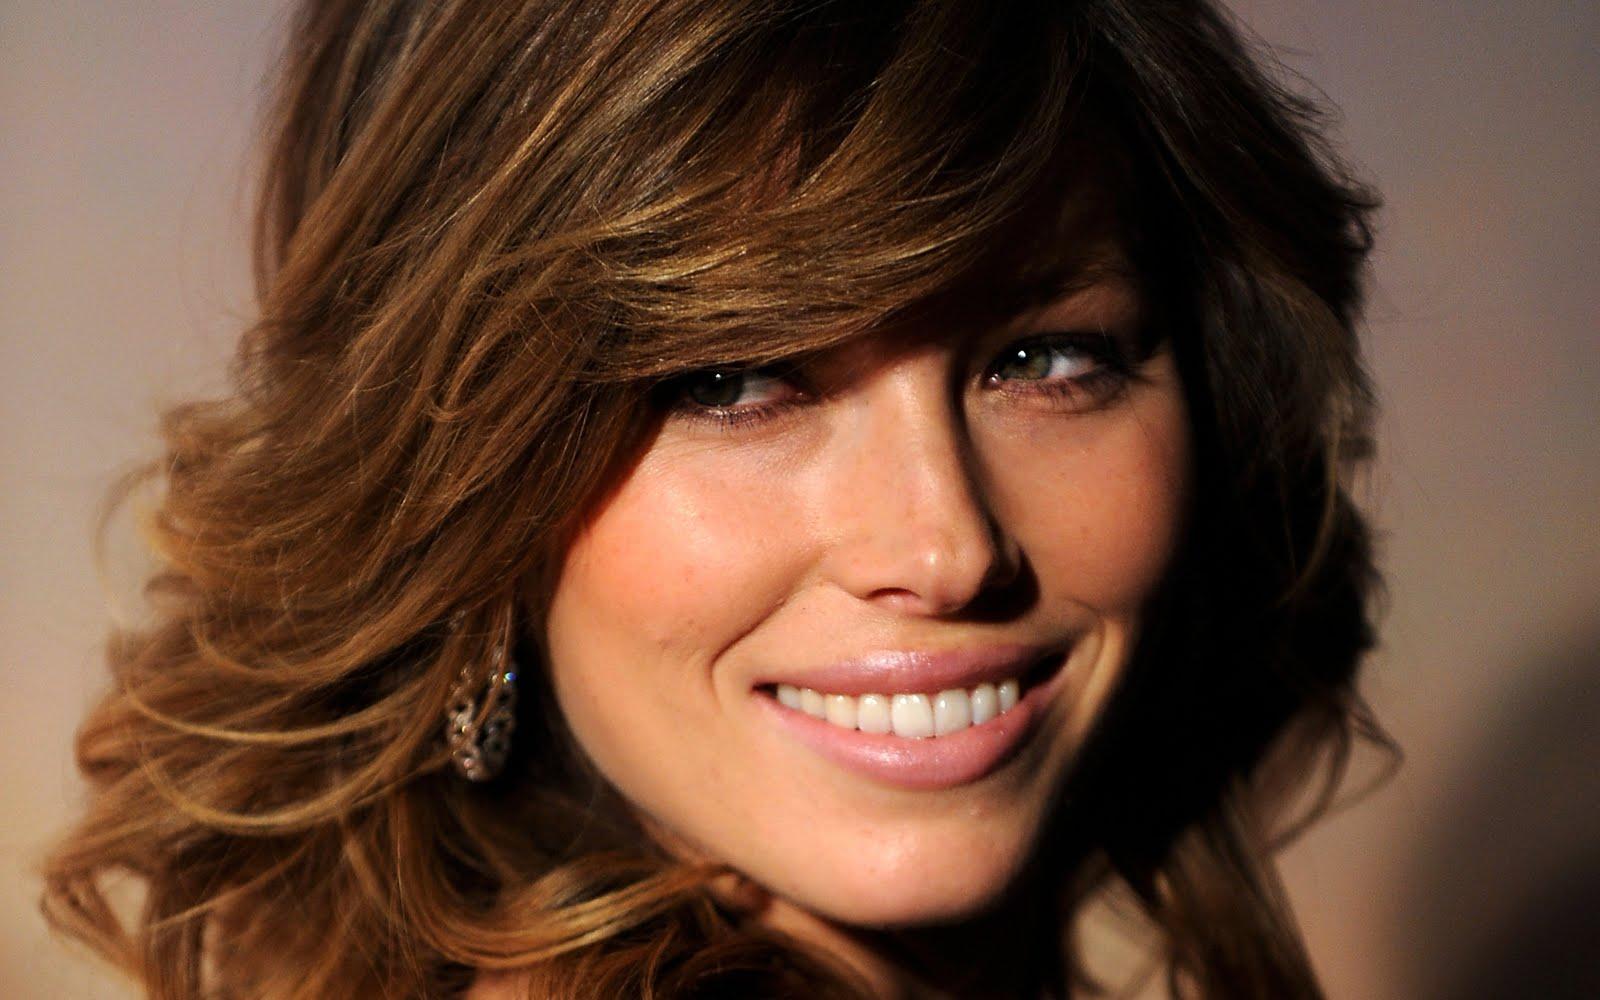 http://2.bp.blogspot.com/-lWqaldOZ6Zo/TkXHLVcua-I/AAAAAAAAAZA/kDBFJ6Fh4jQ/s1600/Jessica+Model+Wallpaper5.jpg